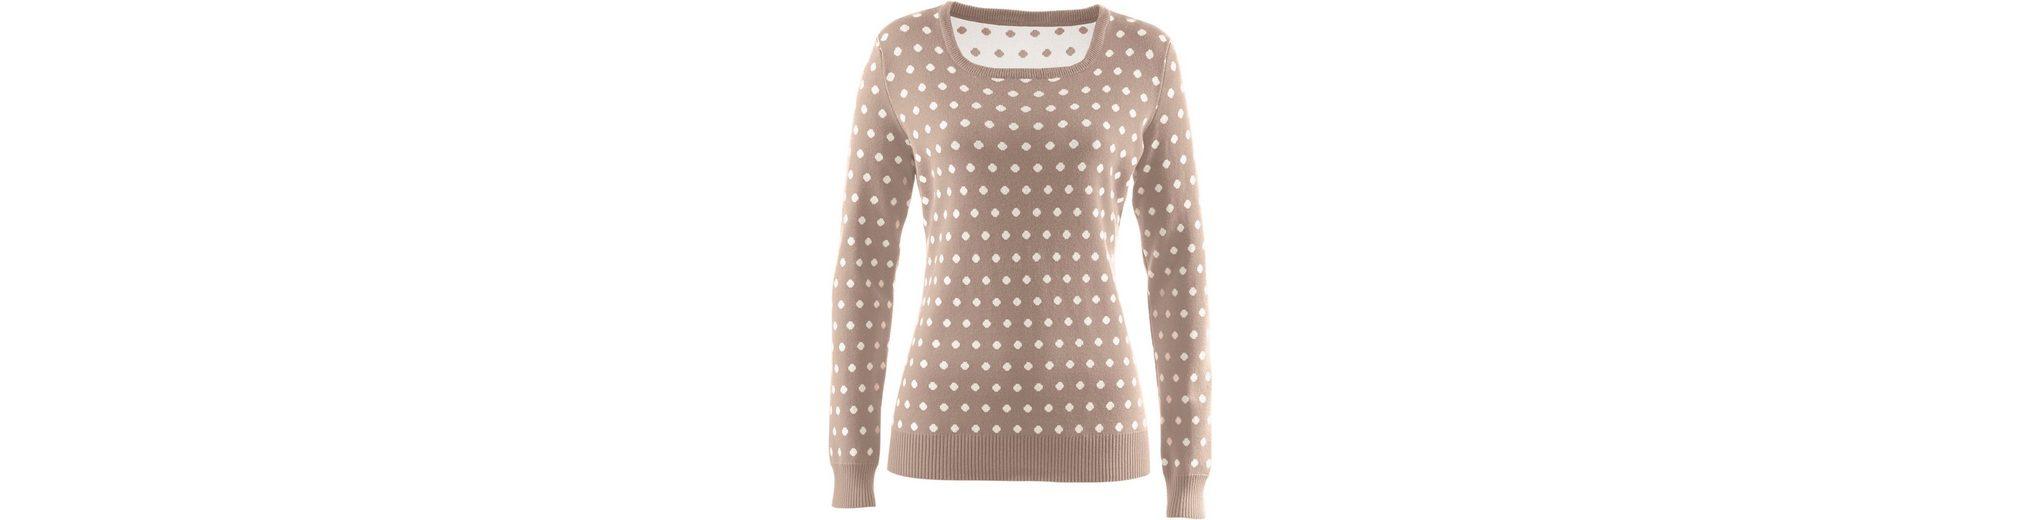 Classic Basics Pullover mit hellen Tupfen Billig Beliebt Größte Anbieter Günstig Online Verkaufsangebote Fabrikverkauf Limited Edition Online JzZ2ZBO0gu